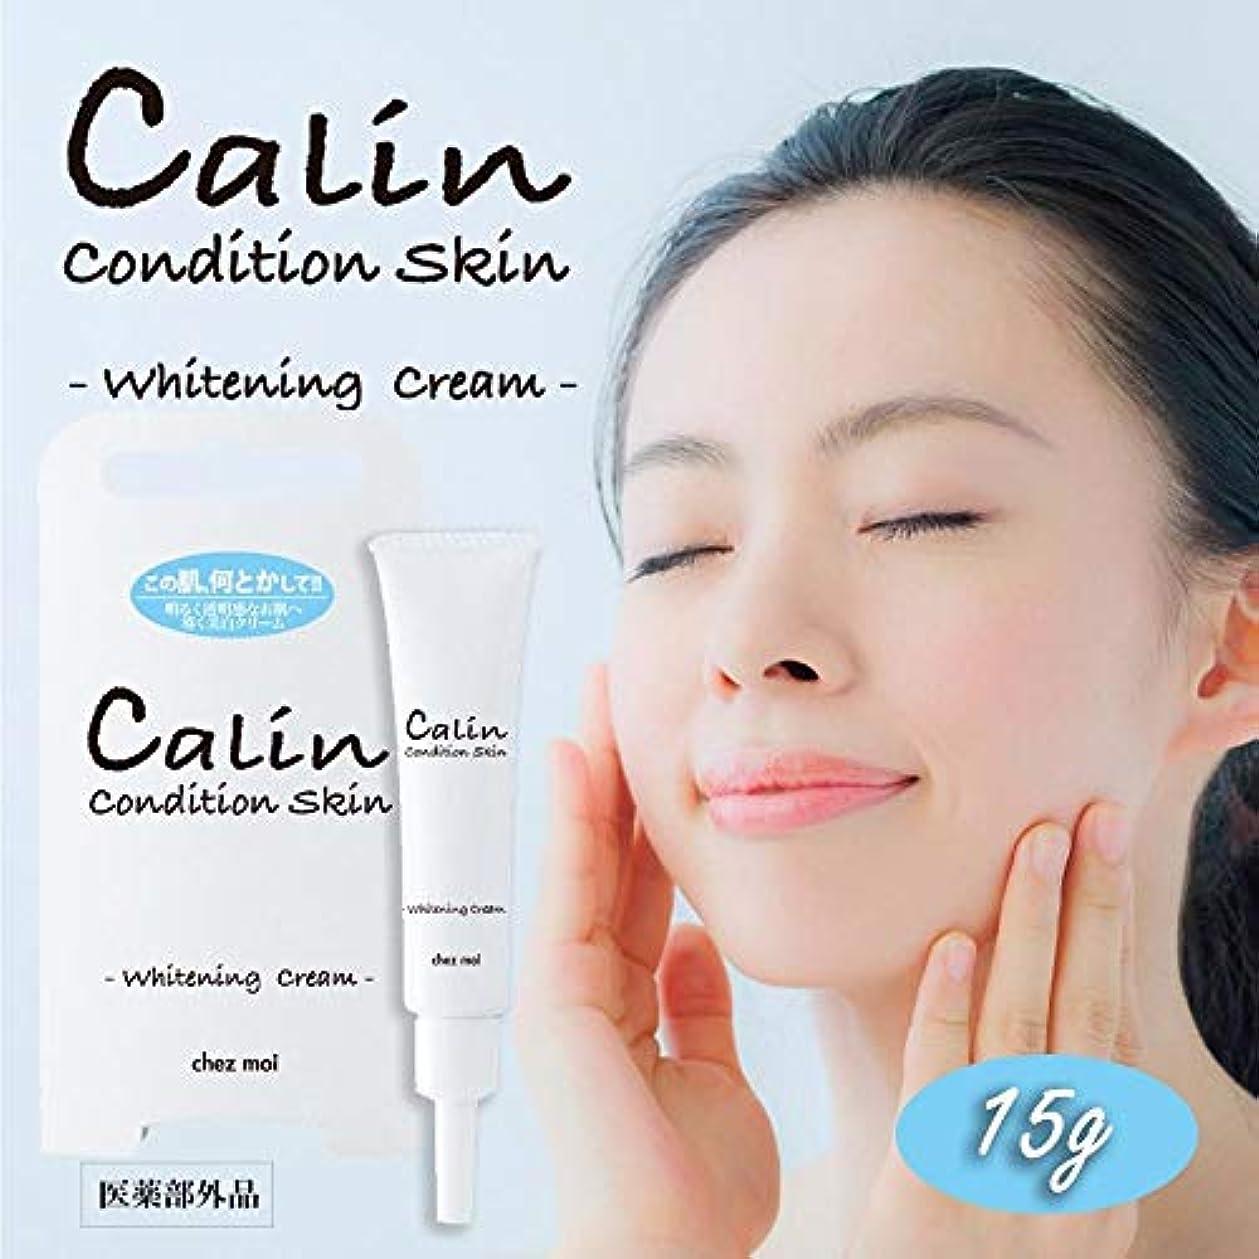 大臣カップ解釈的Calin(カリン) Condition Skin ‐Whitening Cream‐(ホワイトニングクリーム) 医薬部外品 15g